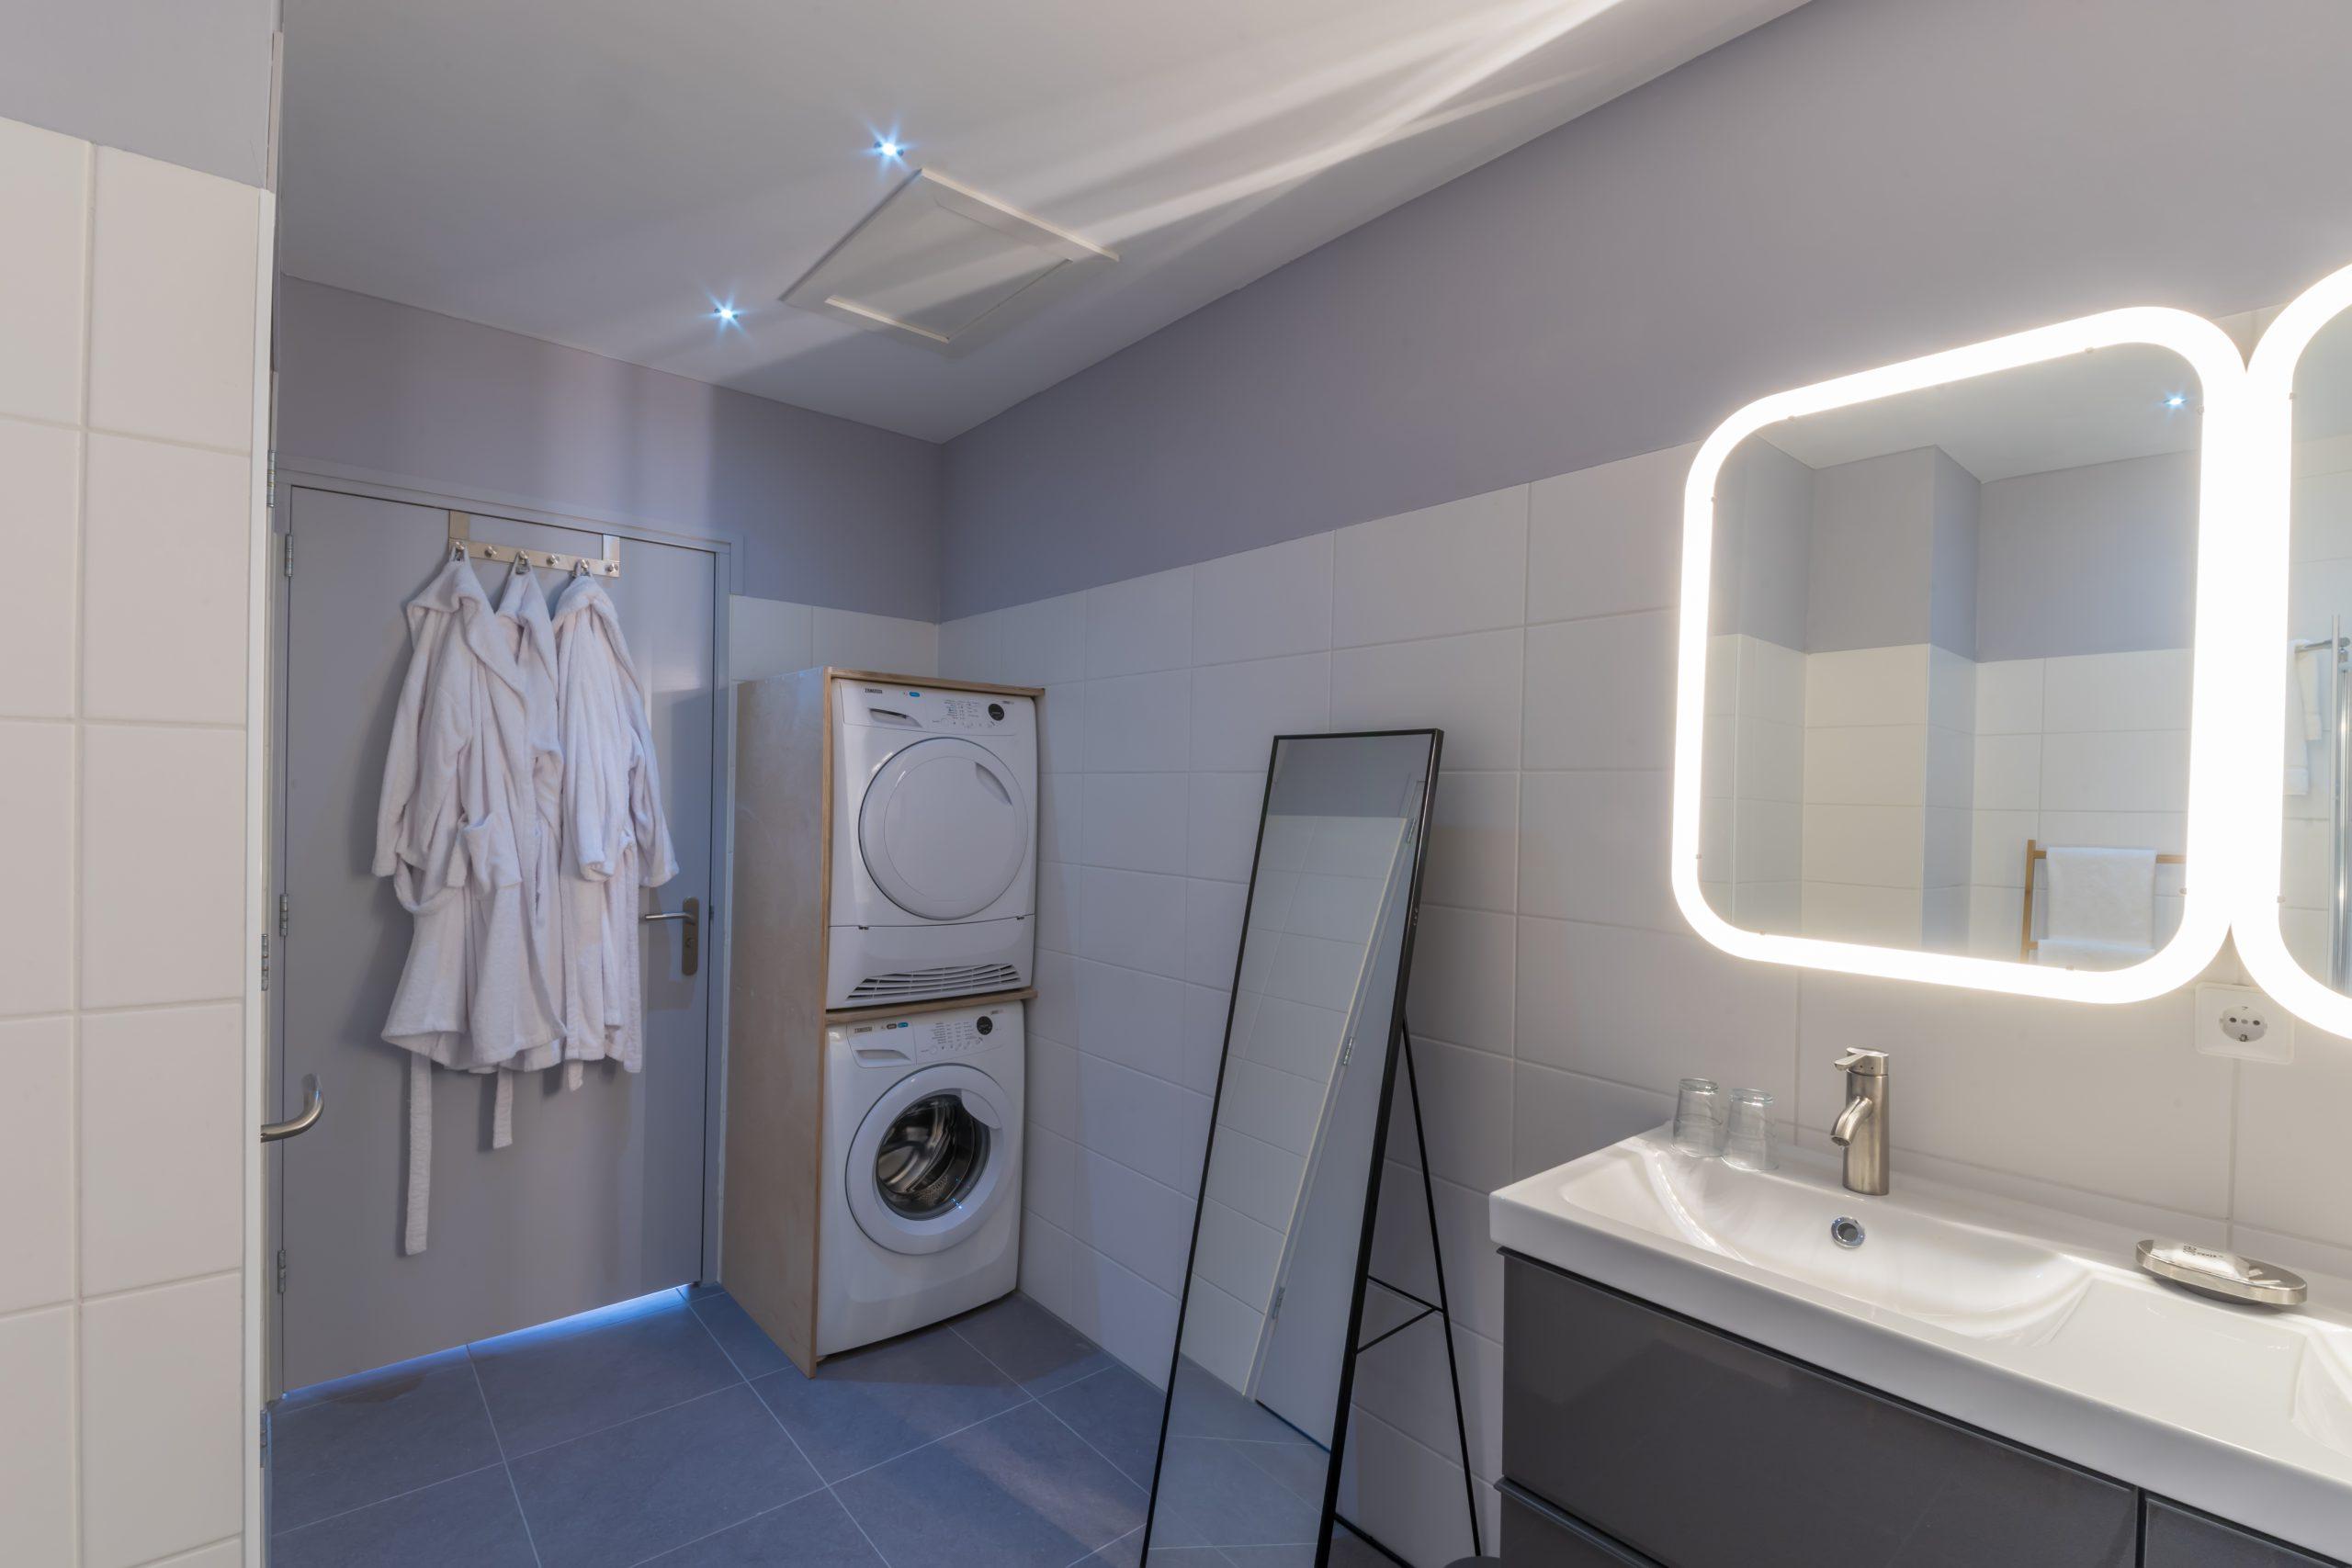 Badkamer-Bathroom-bathzimmer-Tulp-Relaxed-Slapen-3